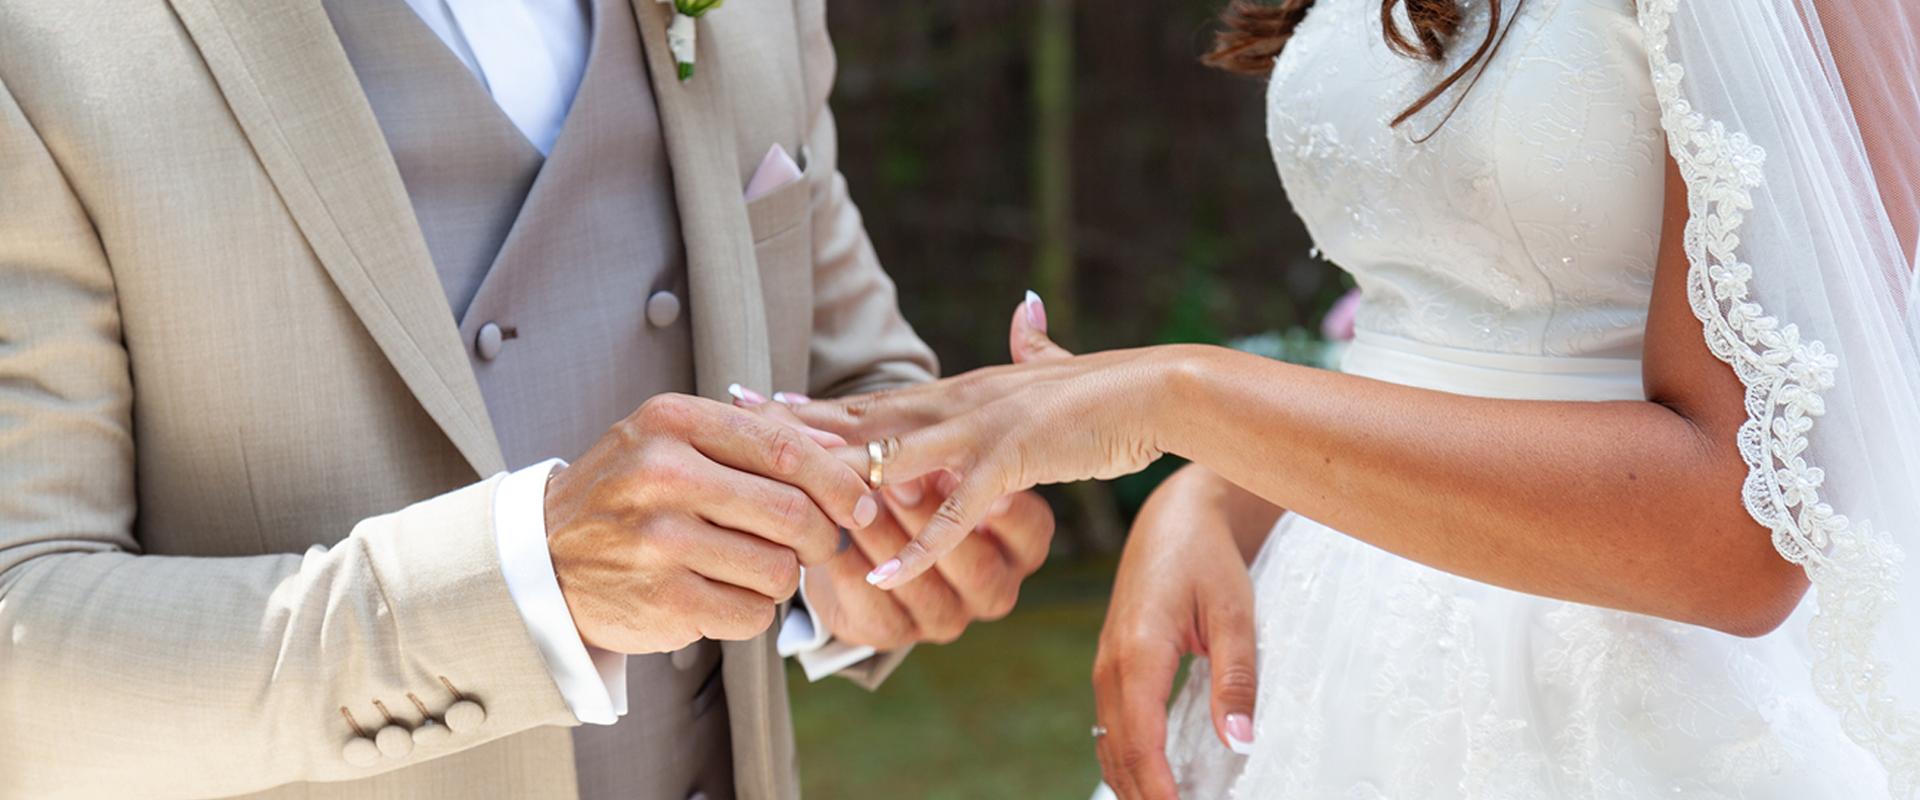 Fotografia Casamento Troca Alinaças